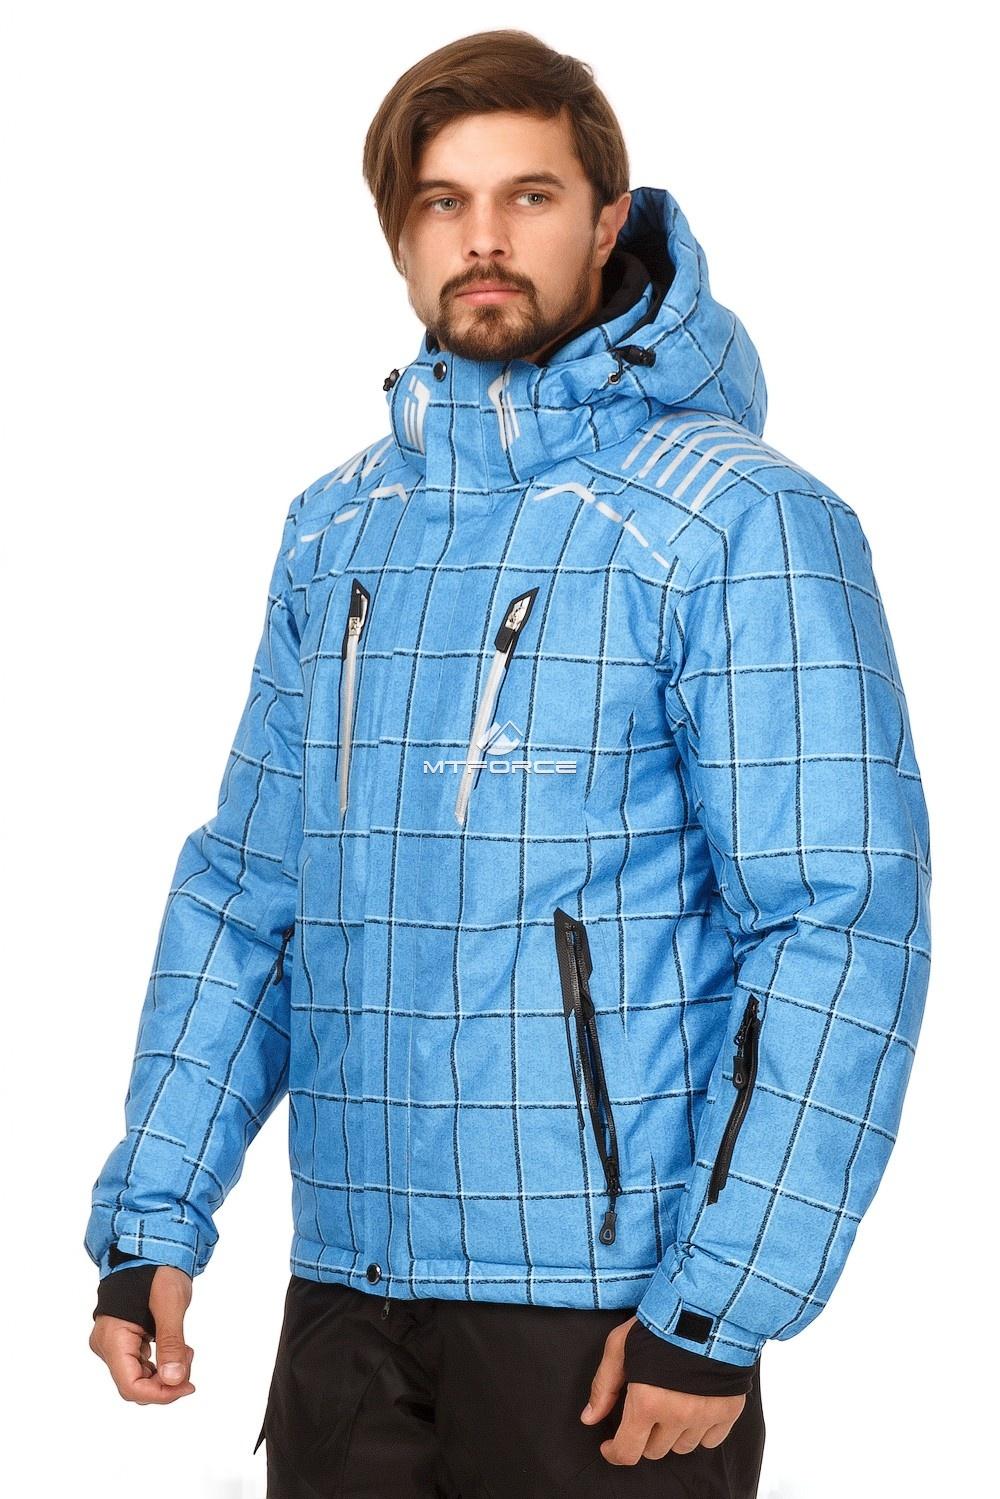 Купить оптом Костюм горнолыжный мужской голубого цвета 01749Gl в Уфе